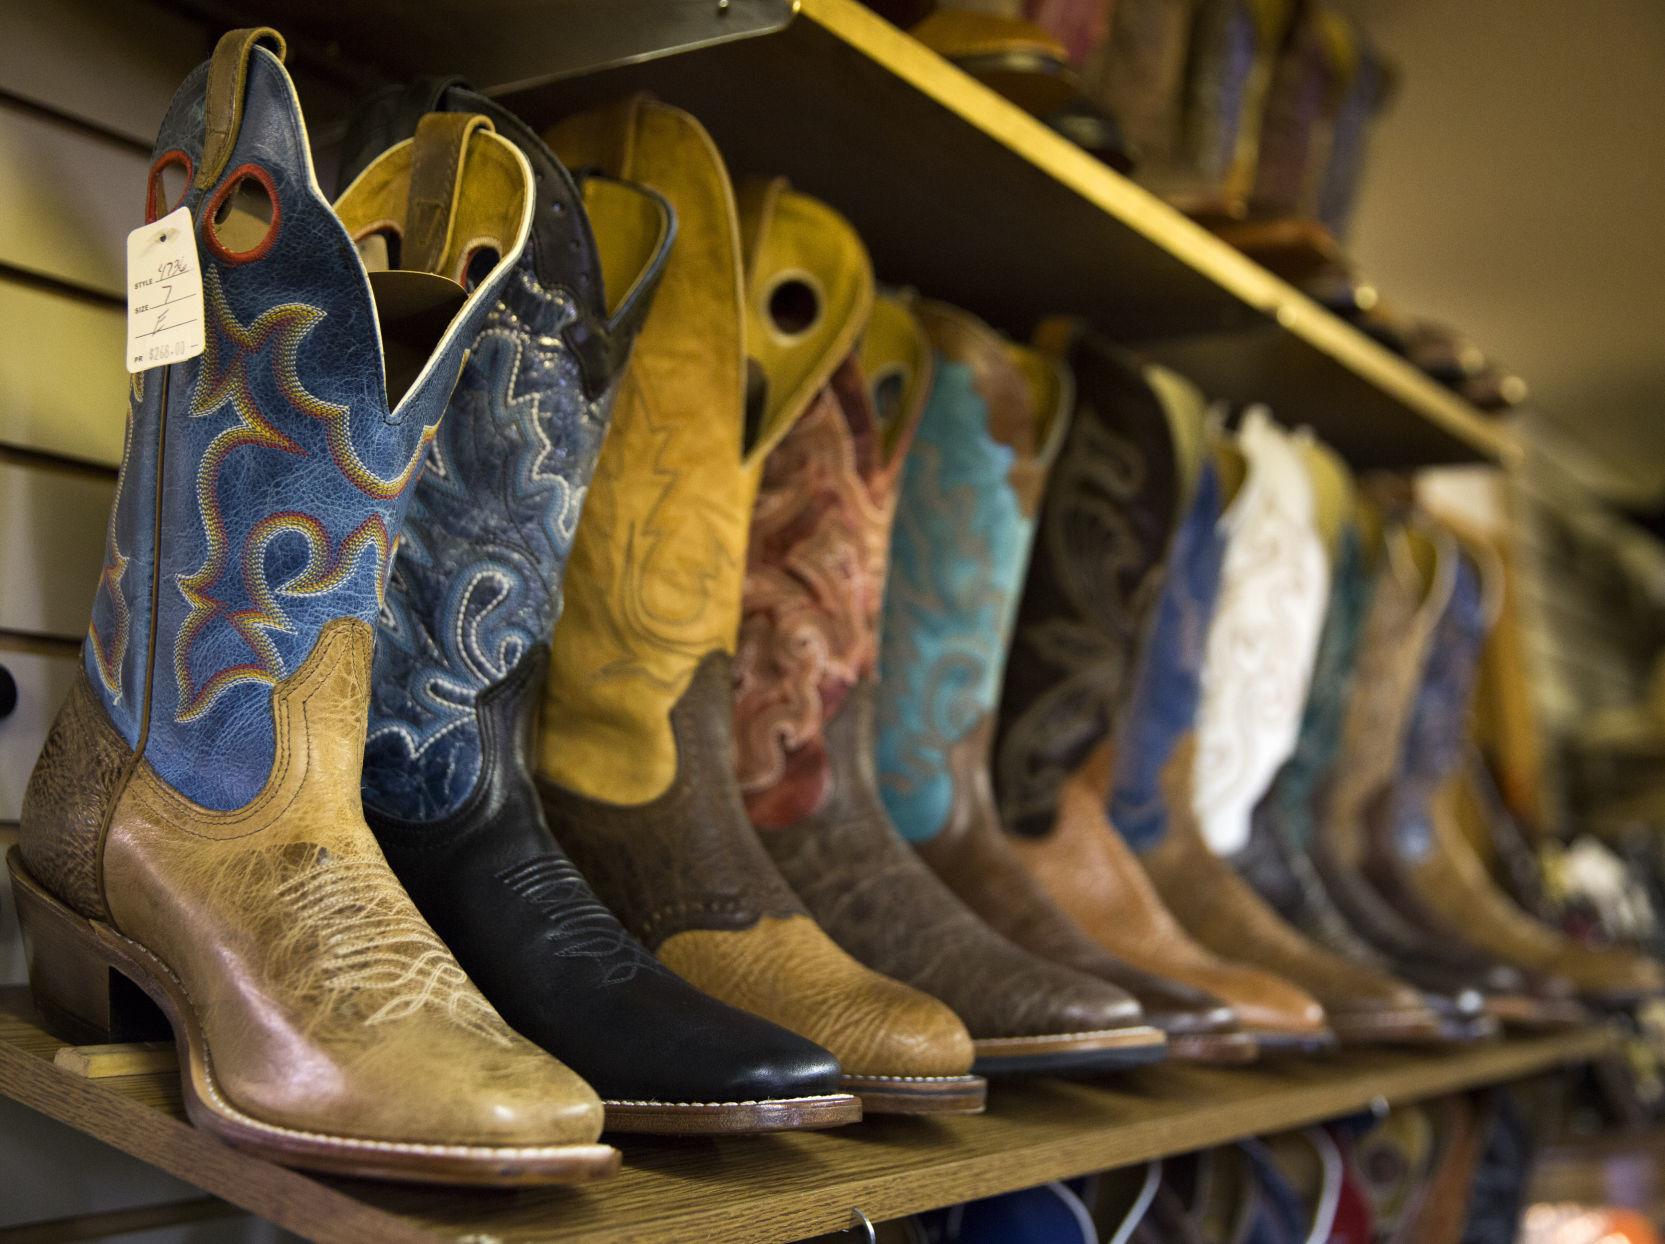 The shoe repair shop     magicvalley.com